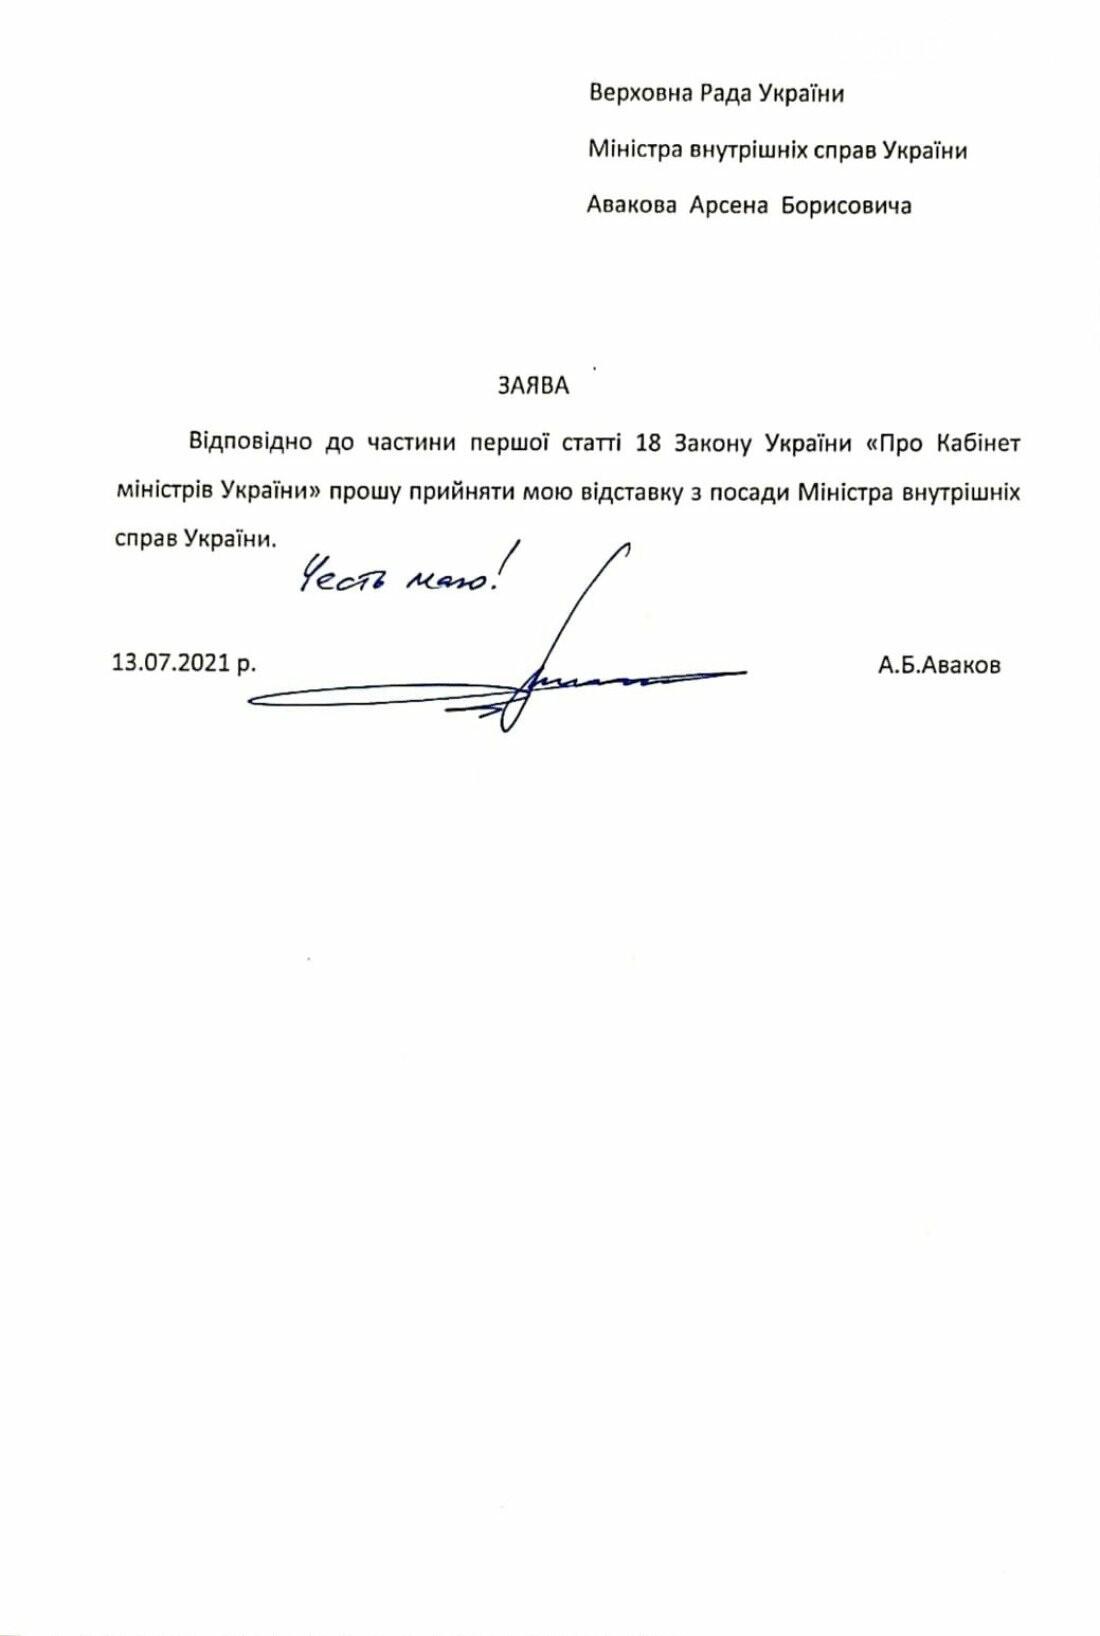 Арсен Аваков заявив про відставку з посади Мінстра внутрішніх справ України, фото-1